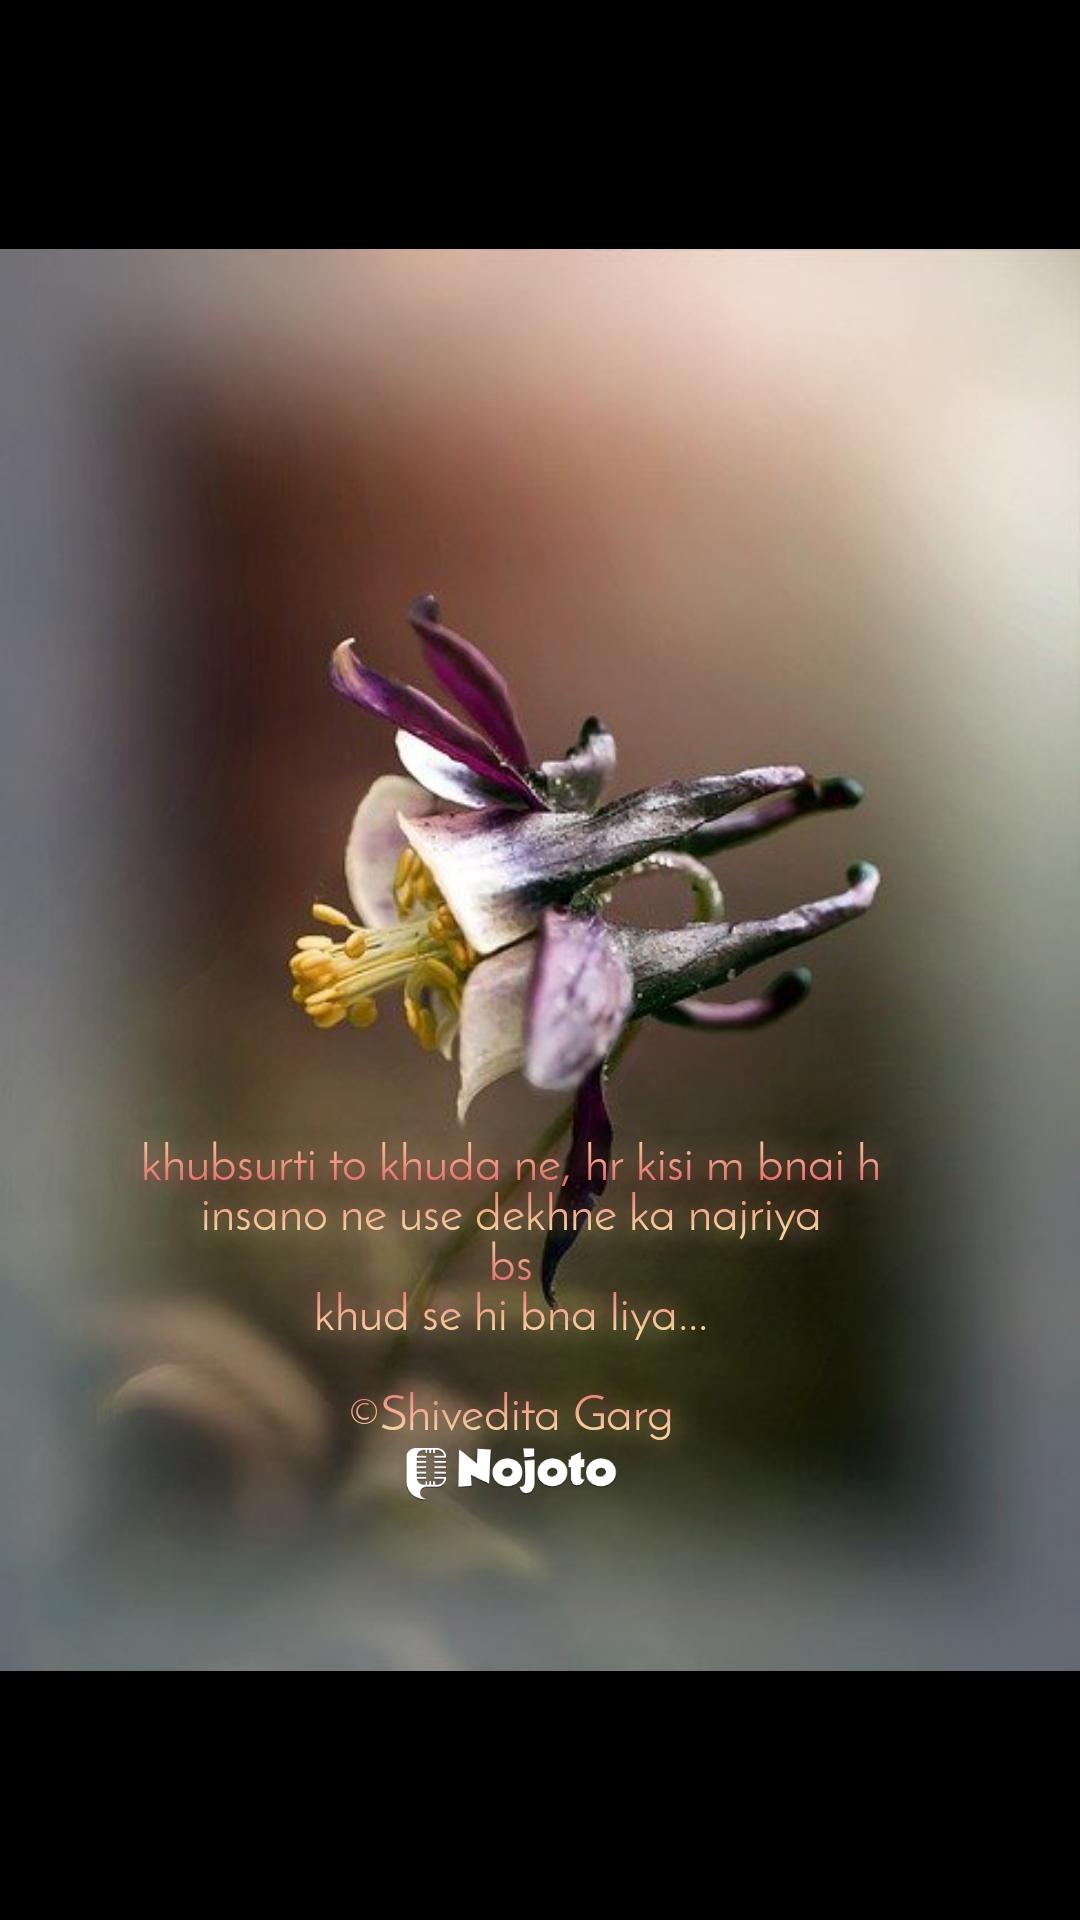 khubsurti to khuda ne, hr kisi m bnai h insano ne use dekhne ka najriya bs khud se hi bna liya...  ©Shivedita Garg